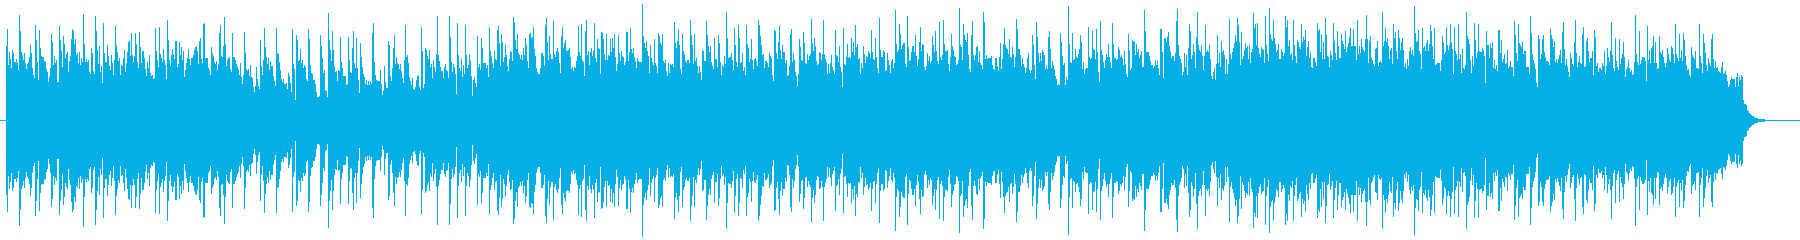 のどかな雰囲気のピアノシンセの再生済みの波形